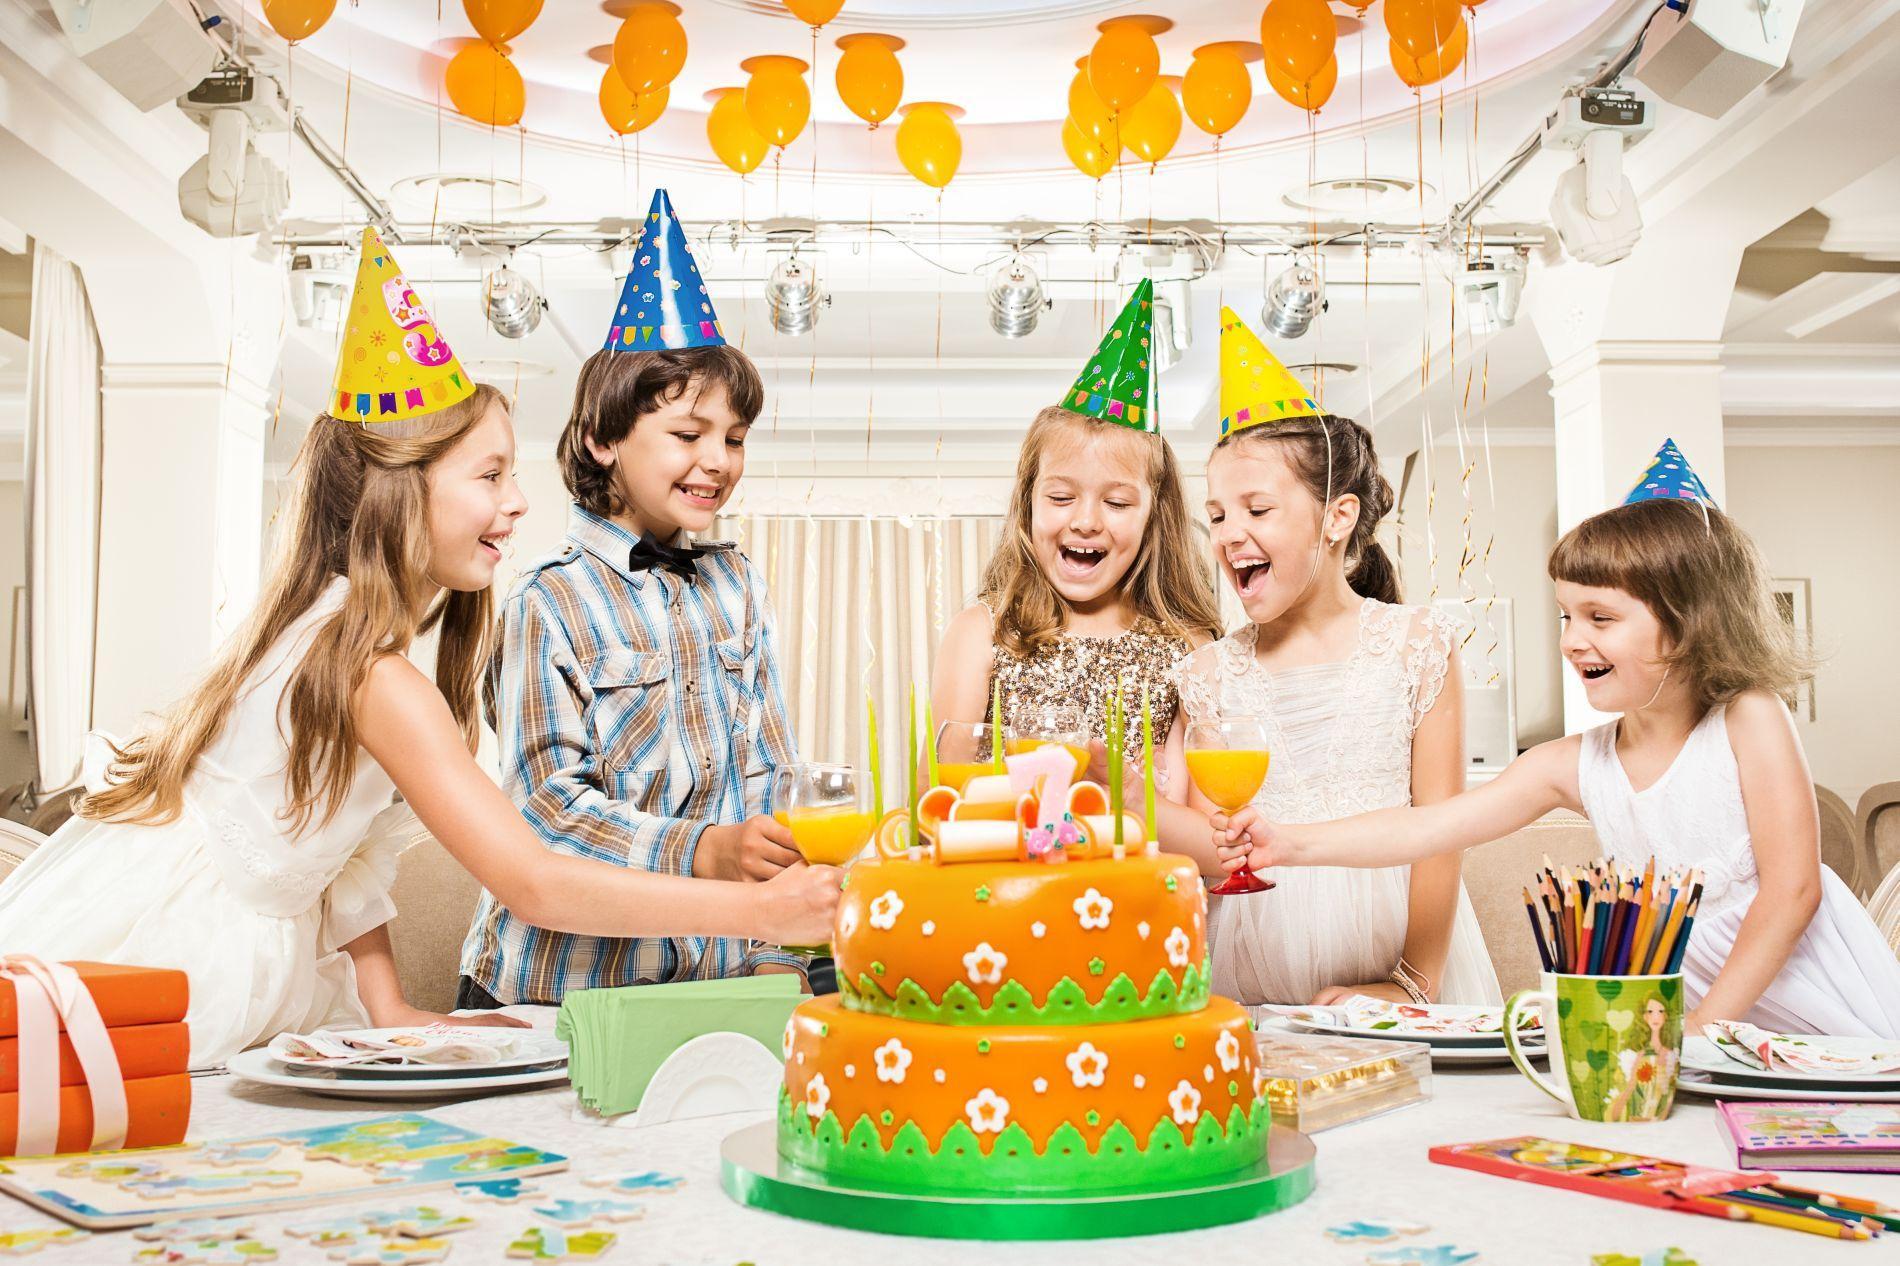 Организация детского дня рождения самым лучшим образом